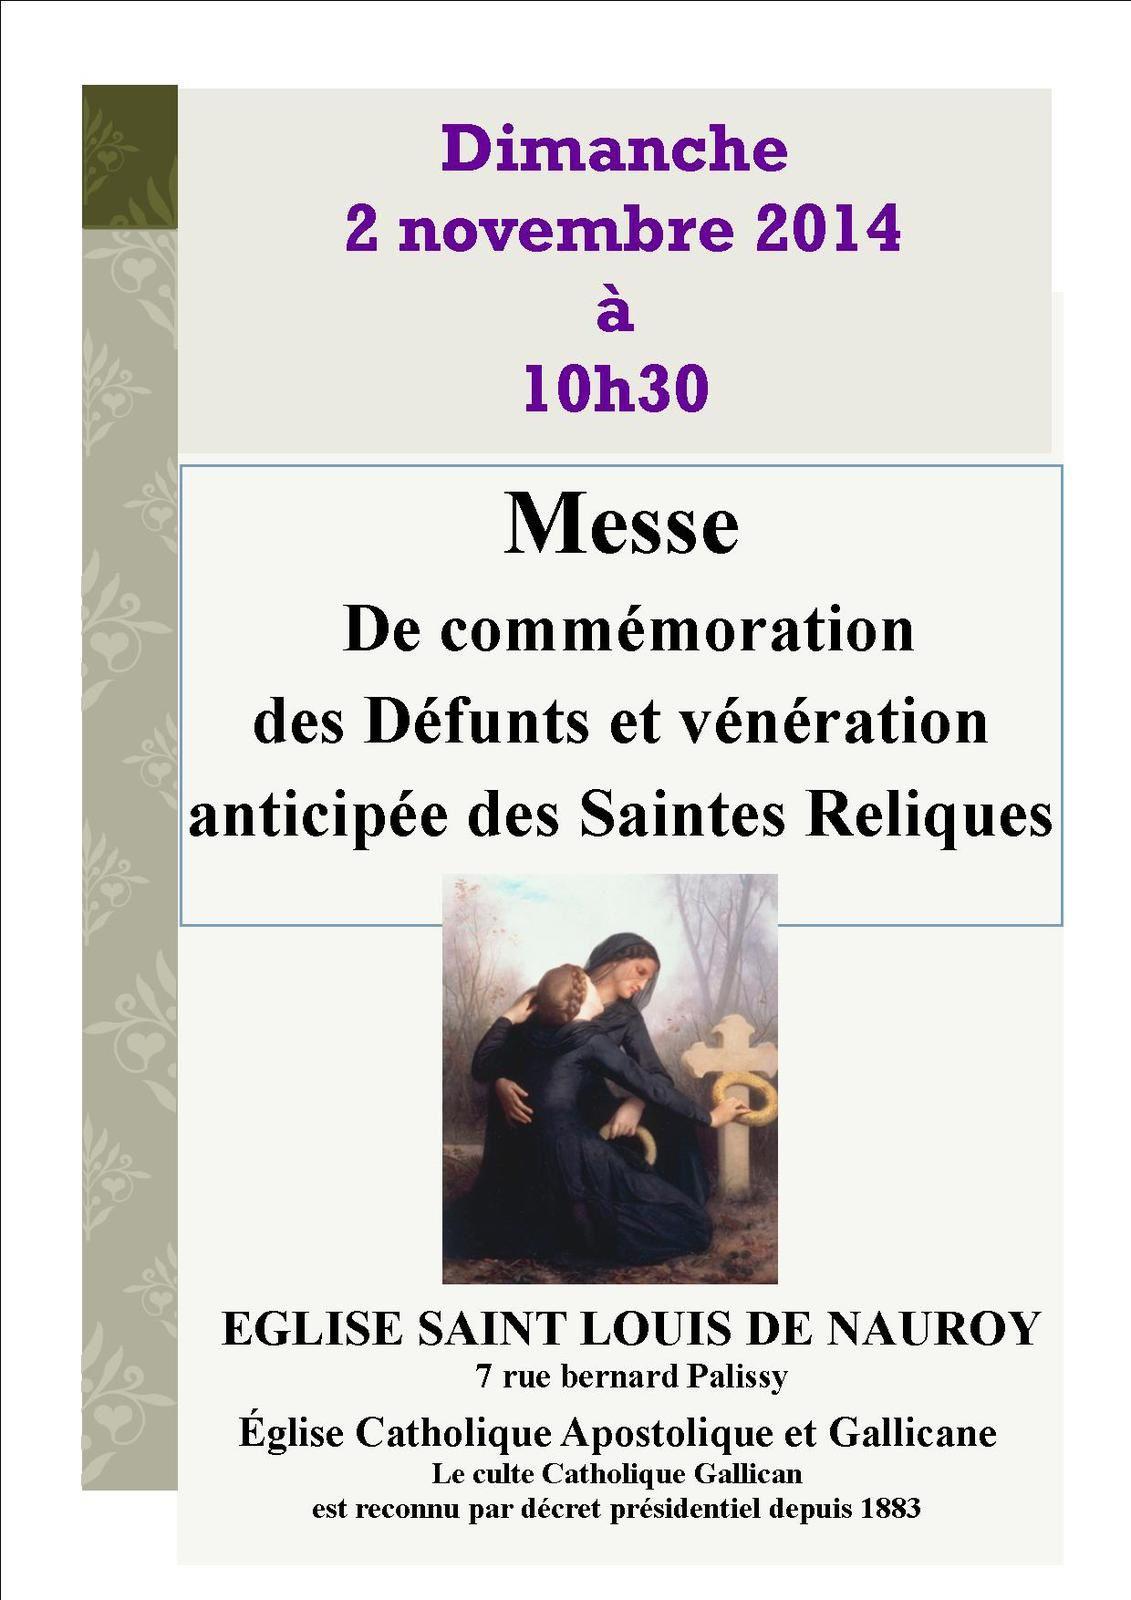 Messe des Défunts et vénération des Saintes Reliques dimanche 2 novembre à l'église de Nauroy